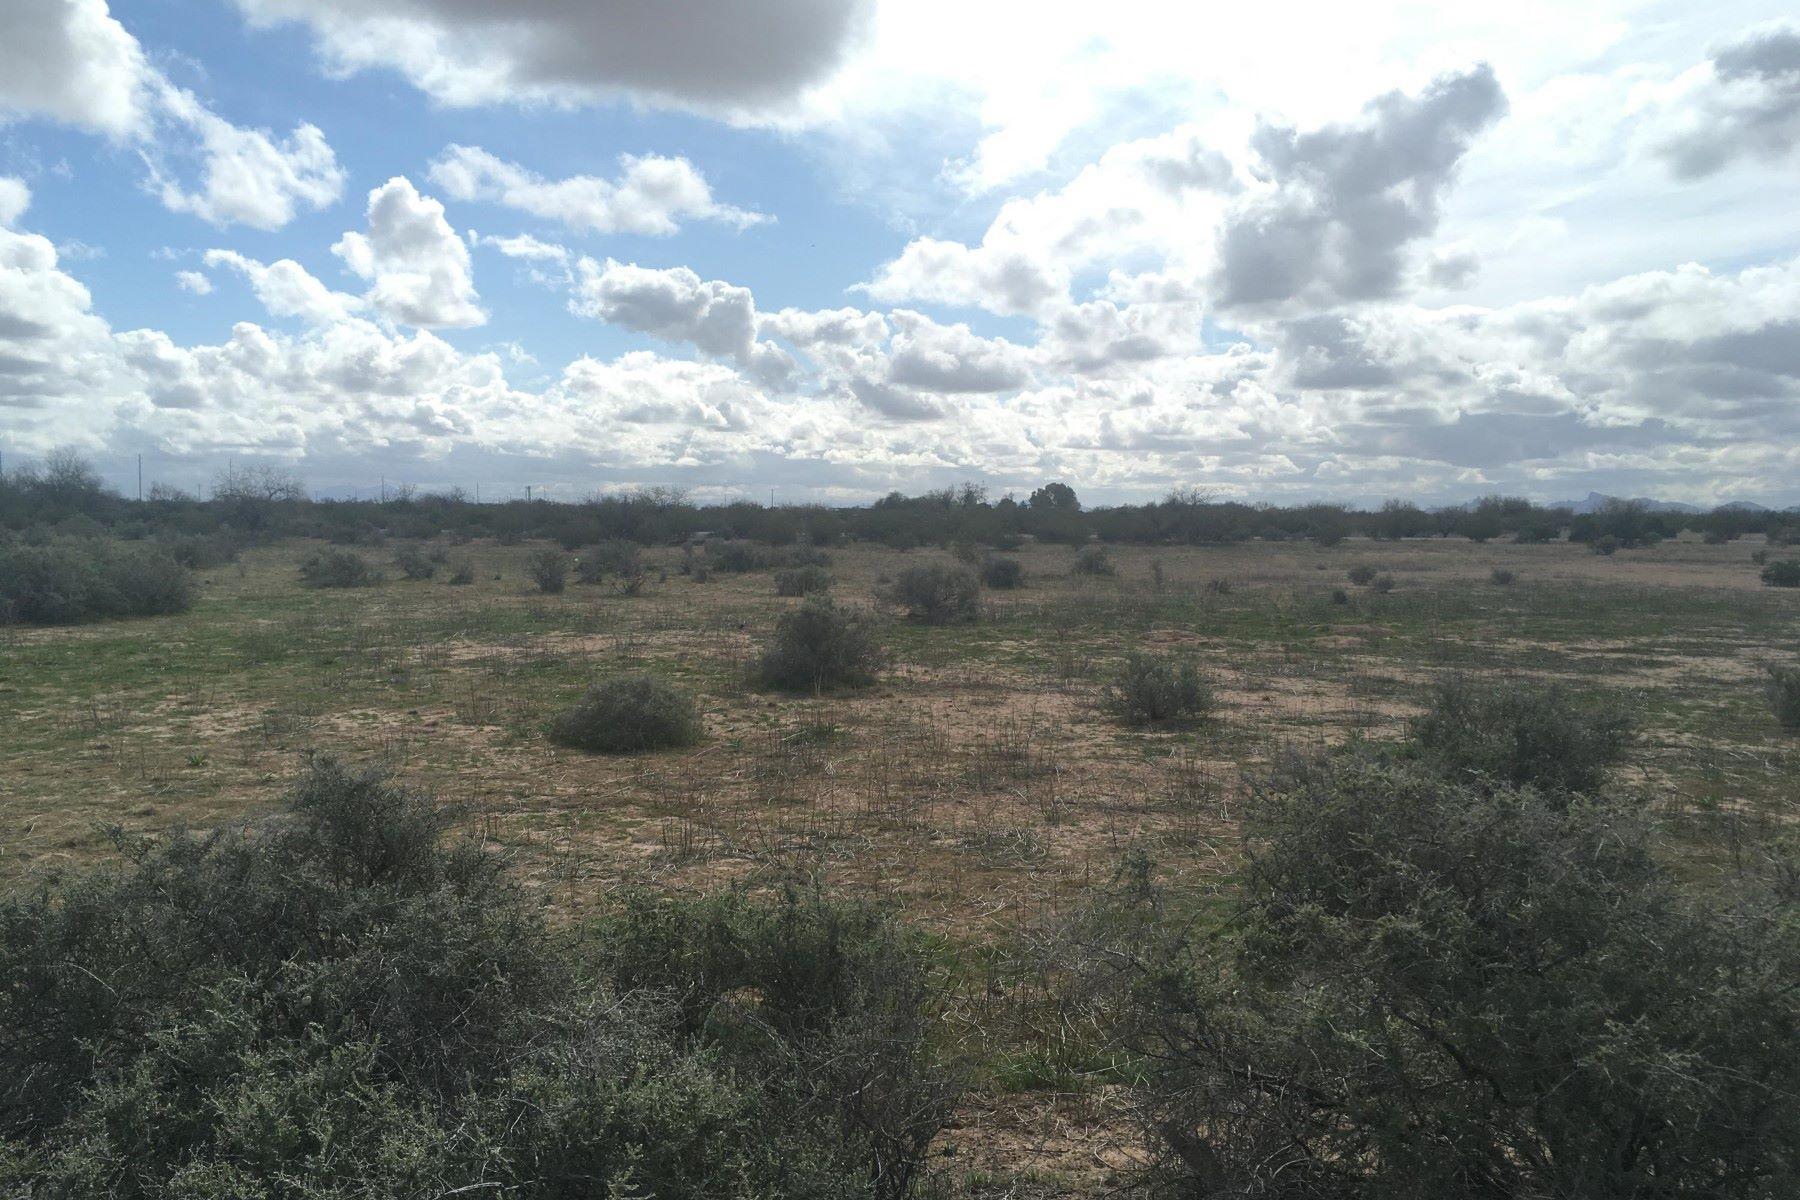 Οικόπεδο για την Πώληση στο Arizona Valley 6085 W MAYWOOD DR 18, Eloy, Αριζονα 85131 Ηνωμένες Πολιτείες